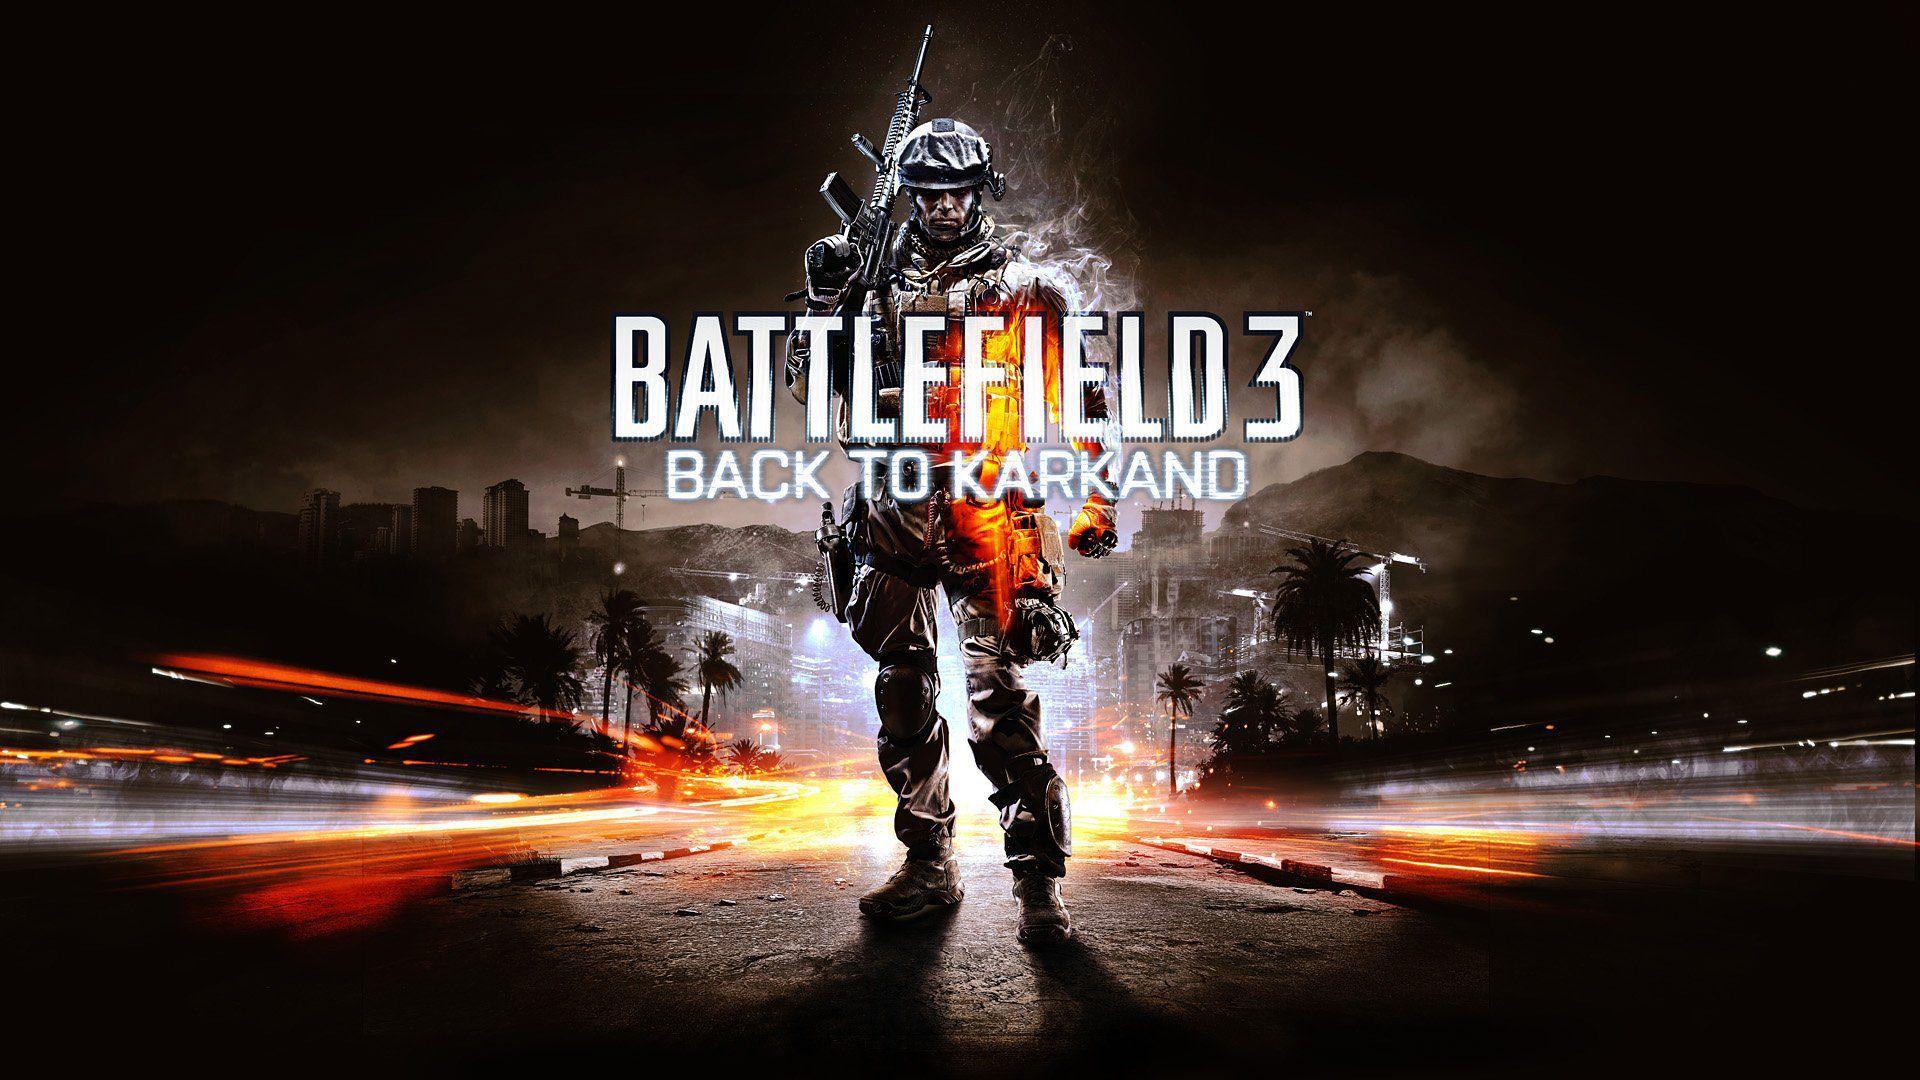 Battlefield 3 Back To Karkand Wallpaper 1920x1080 Battlefield 3 Battlefield New Battlefield